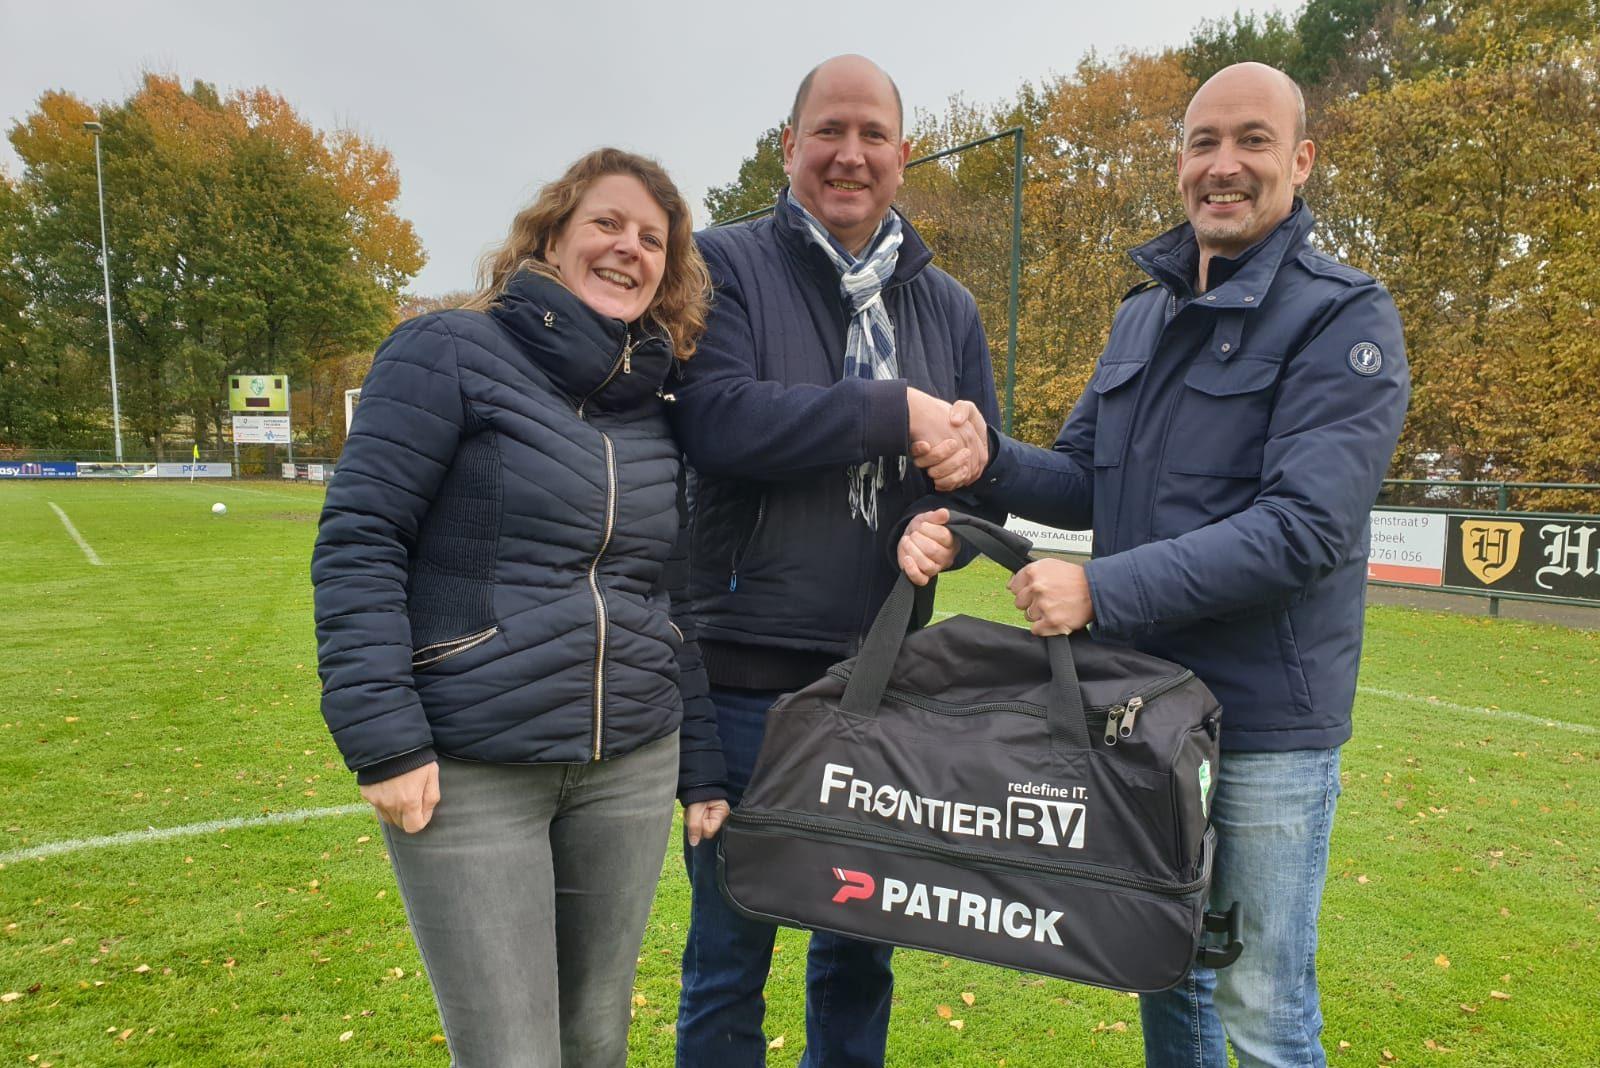 Frontier BV sponsort opnieuw de jeugd; ditmaal kledingtassen